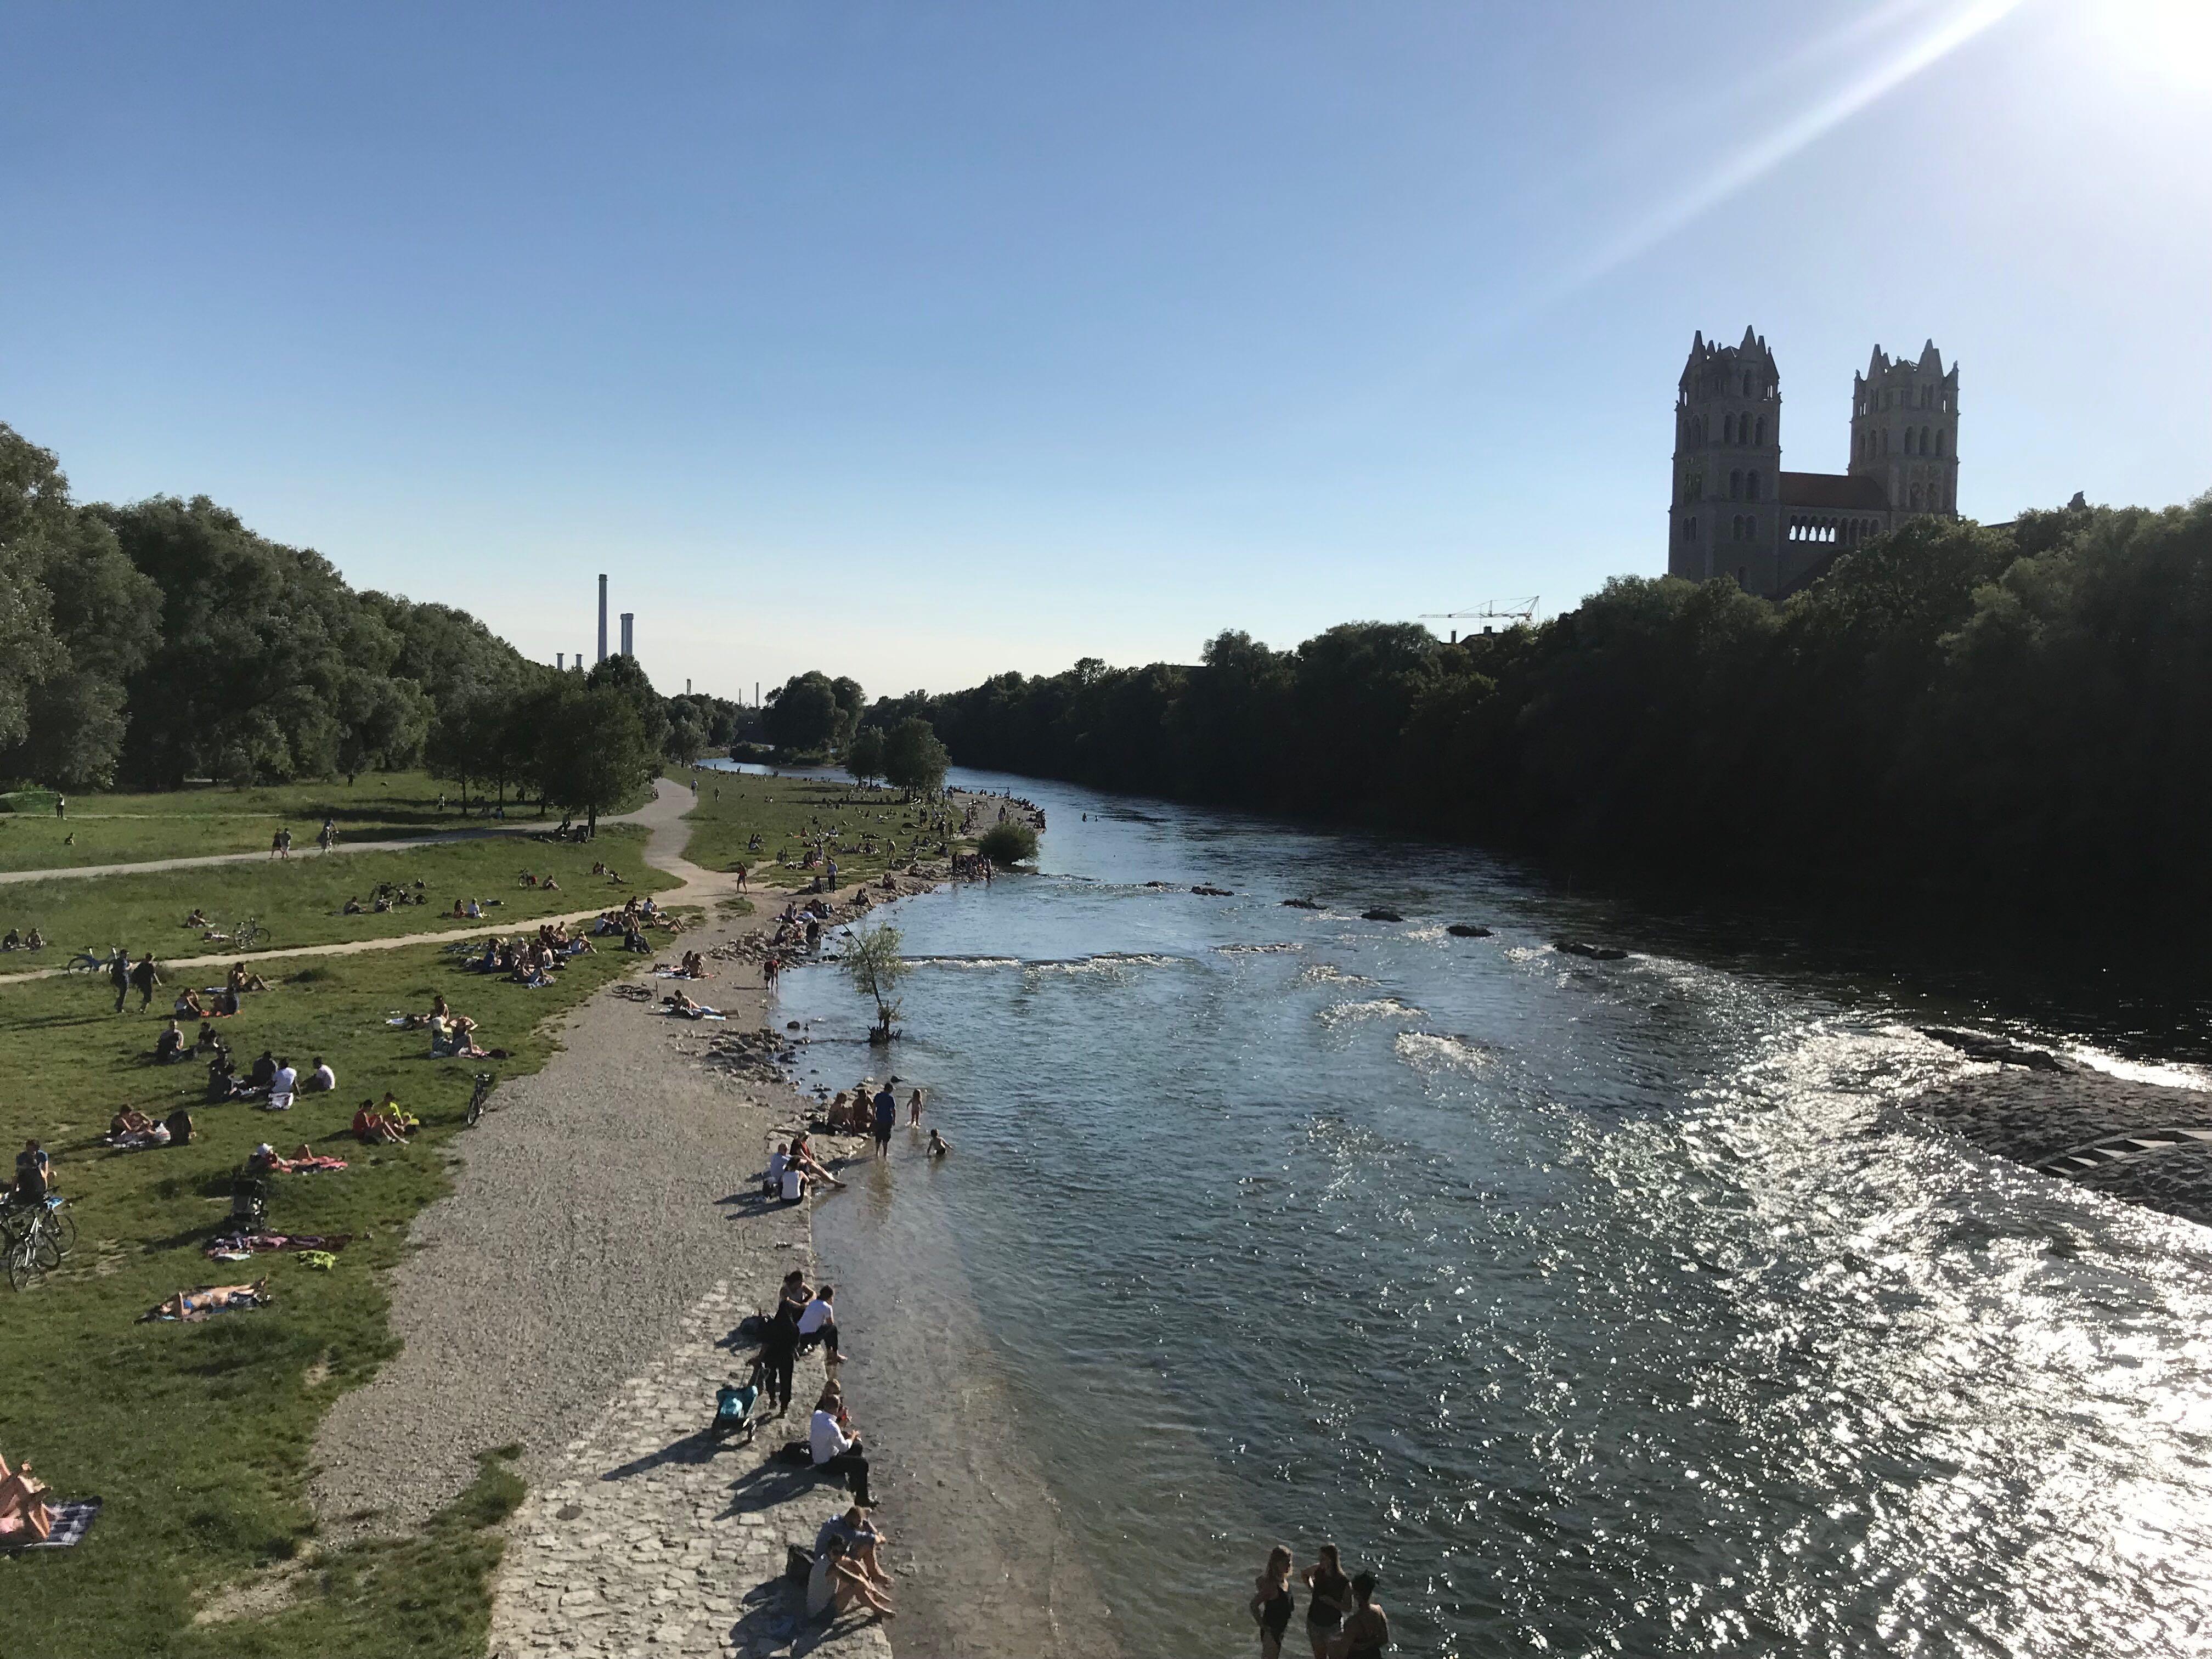 München Isar Lizenzfreies Bild Herunterladen